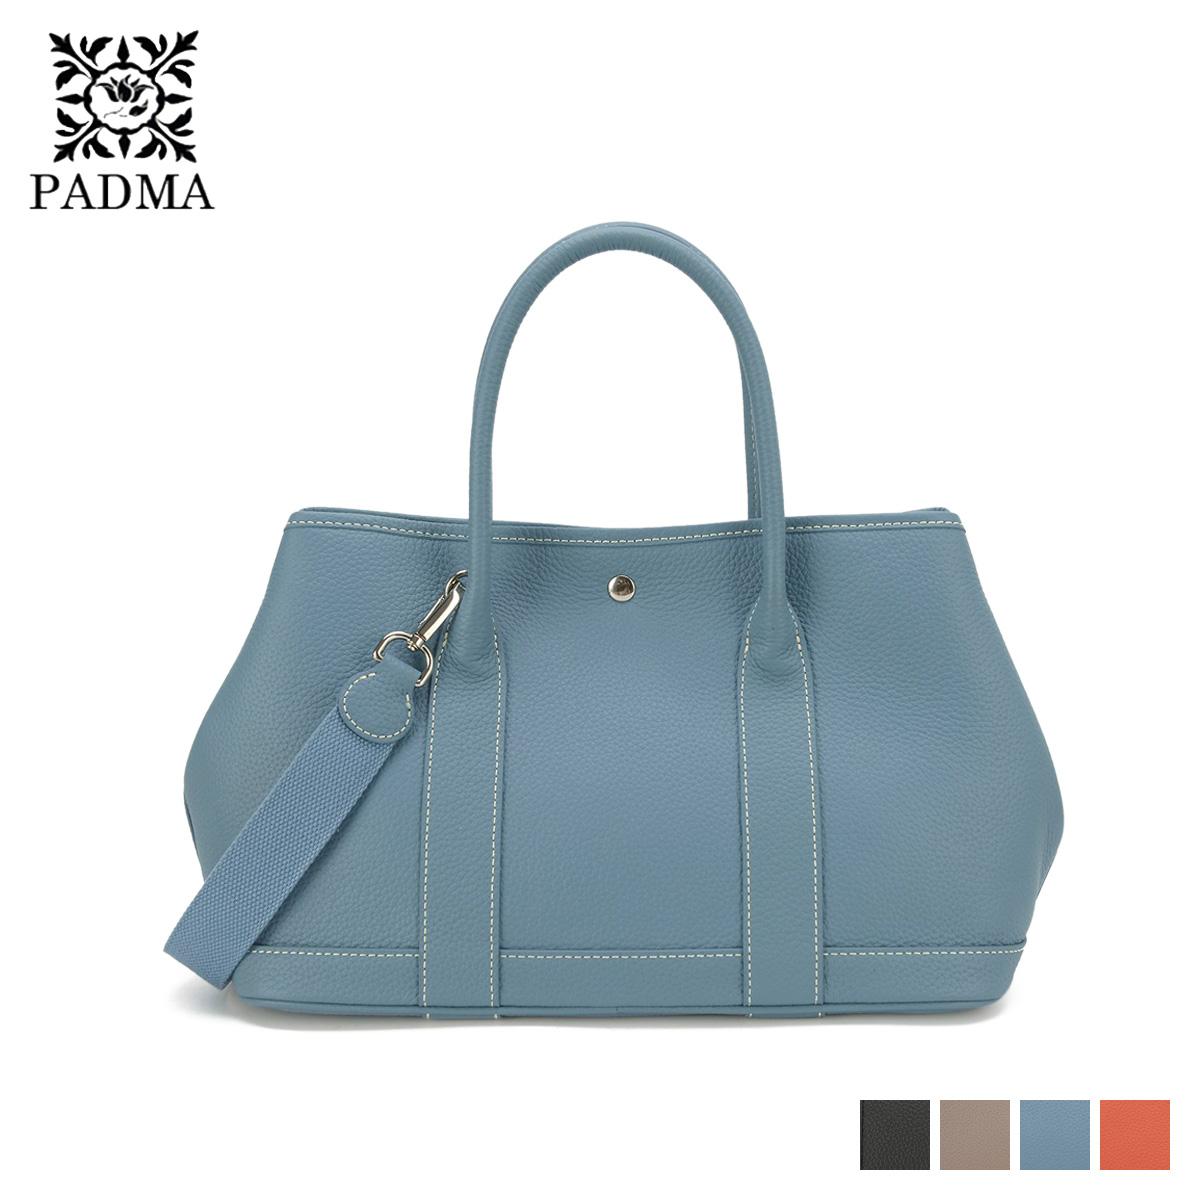 パドマ PADMA バッグ ハンドバッグ ショルダーバッグ レディース HAND BAG ブラック ベージュ ブルー オレンジ 黒 PAD-30170